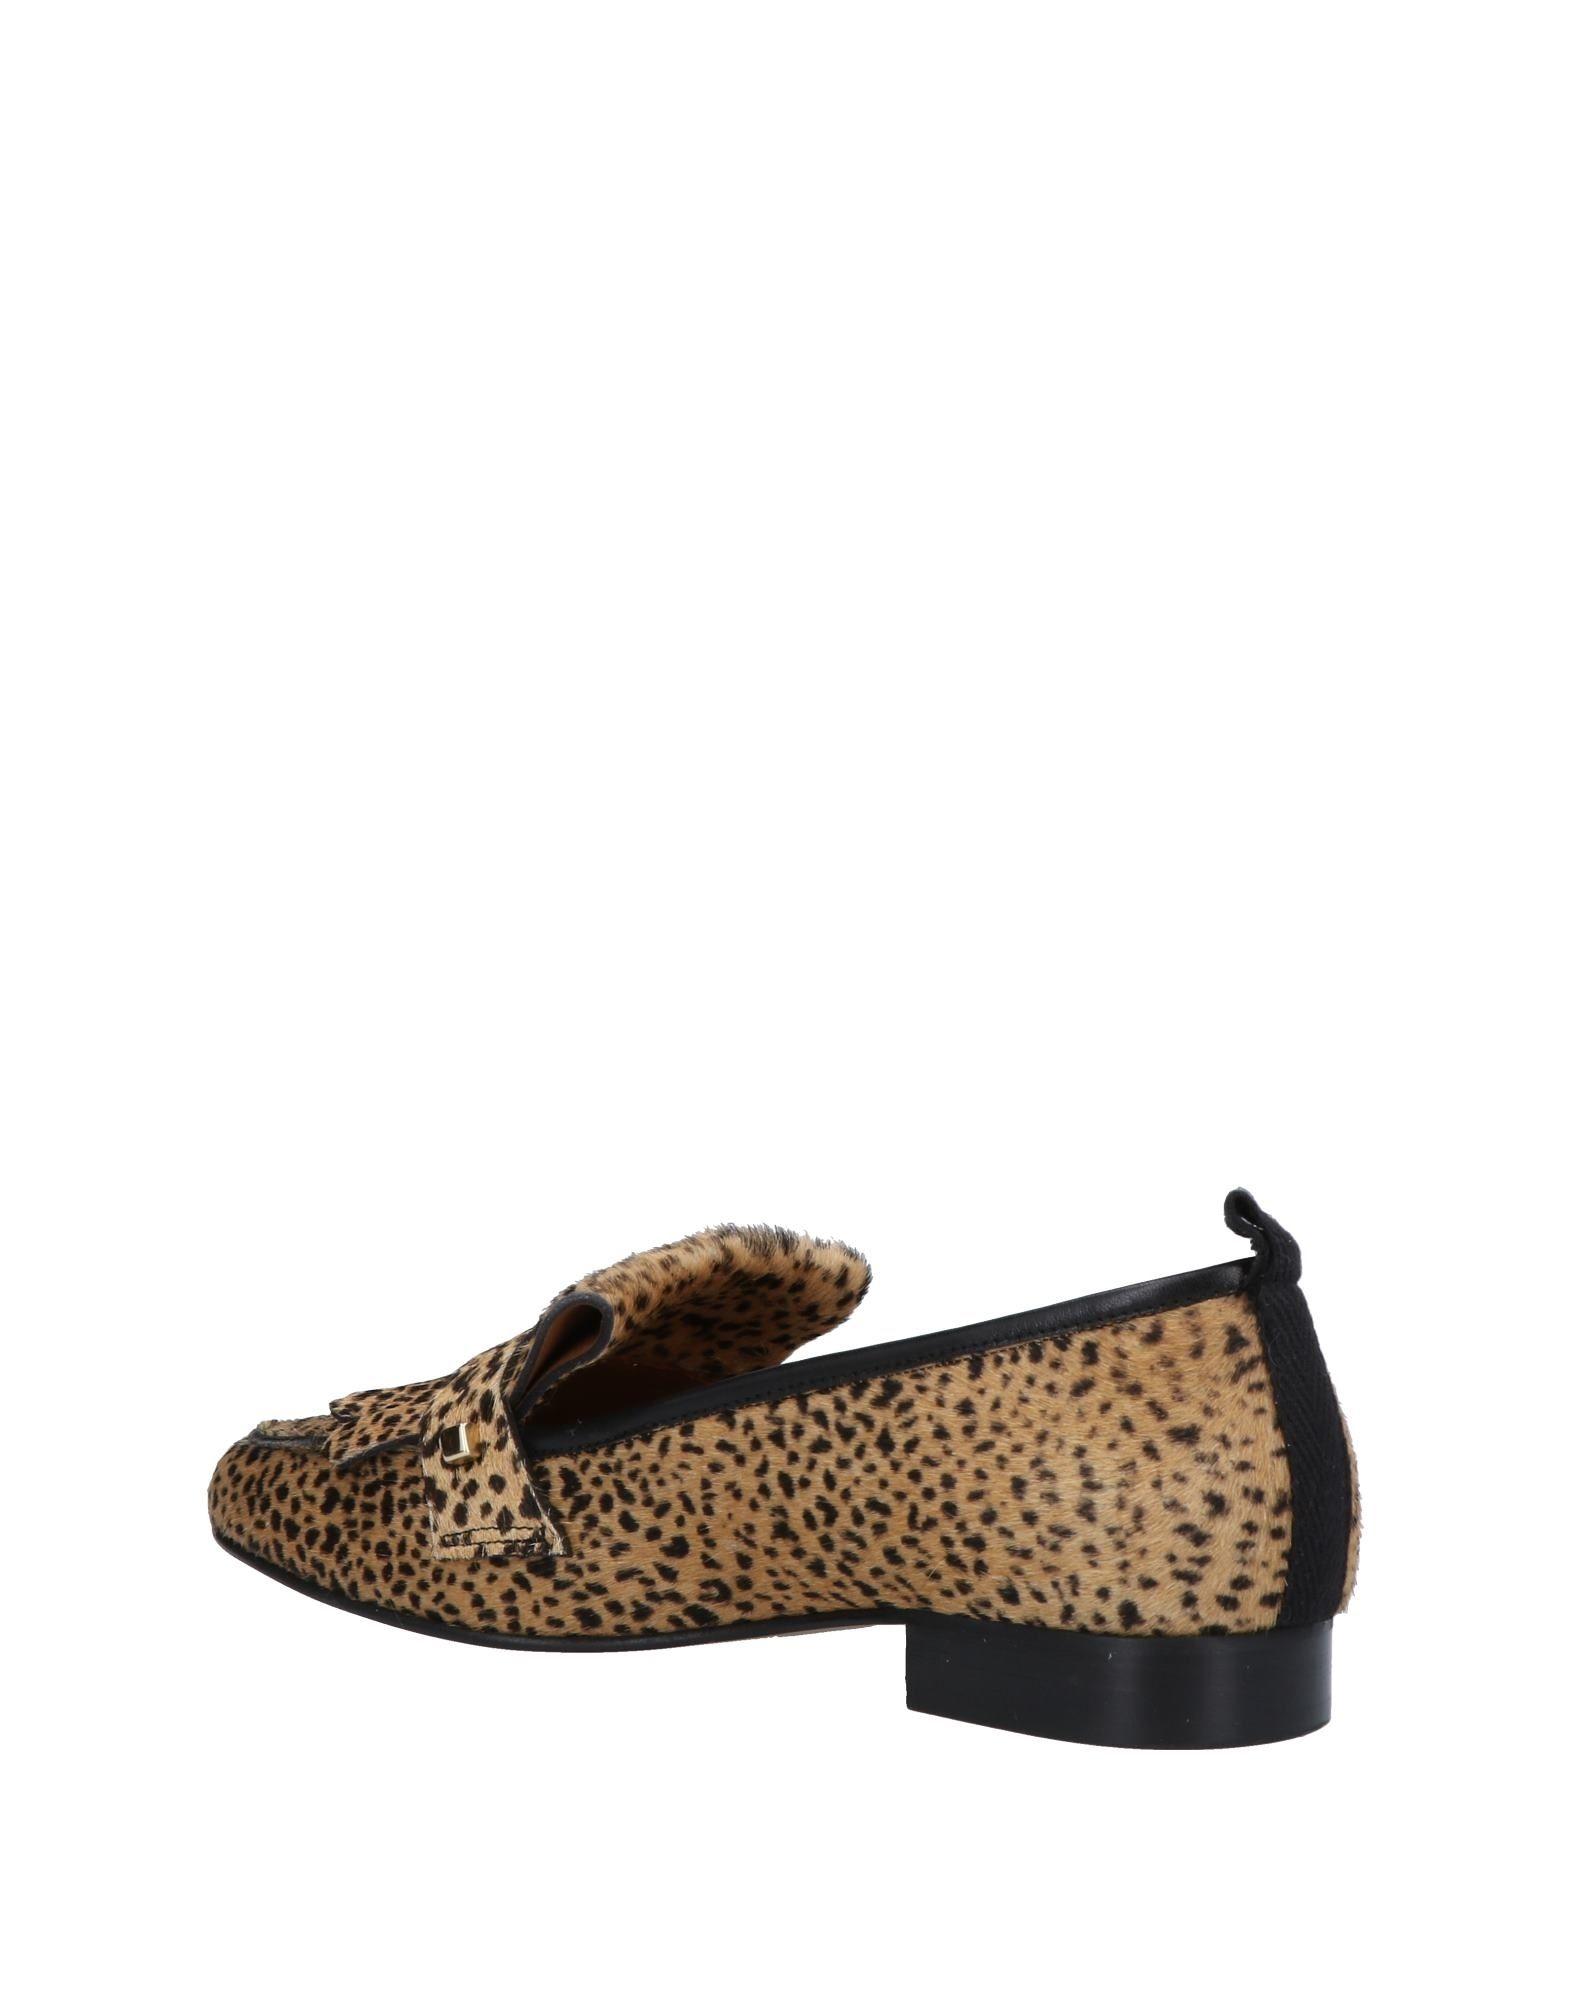 Intropia Mokassins Gute Damen  11456109FK Gute Mokassins Qualität beliebte Schuhe bdee22